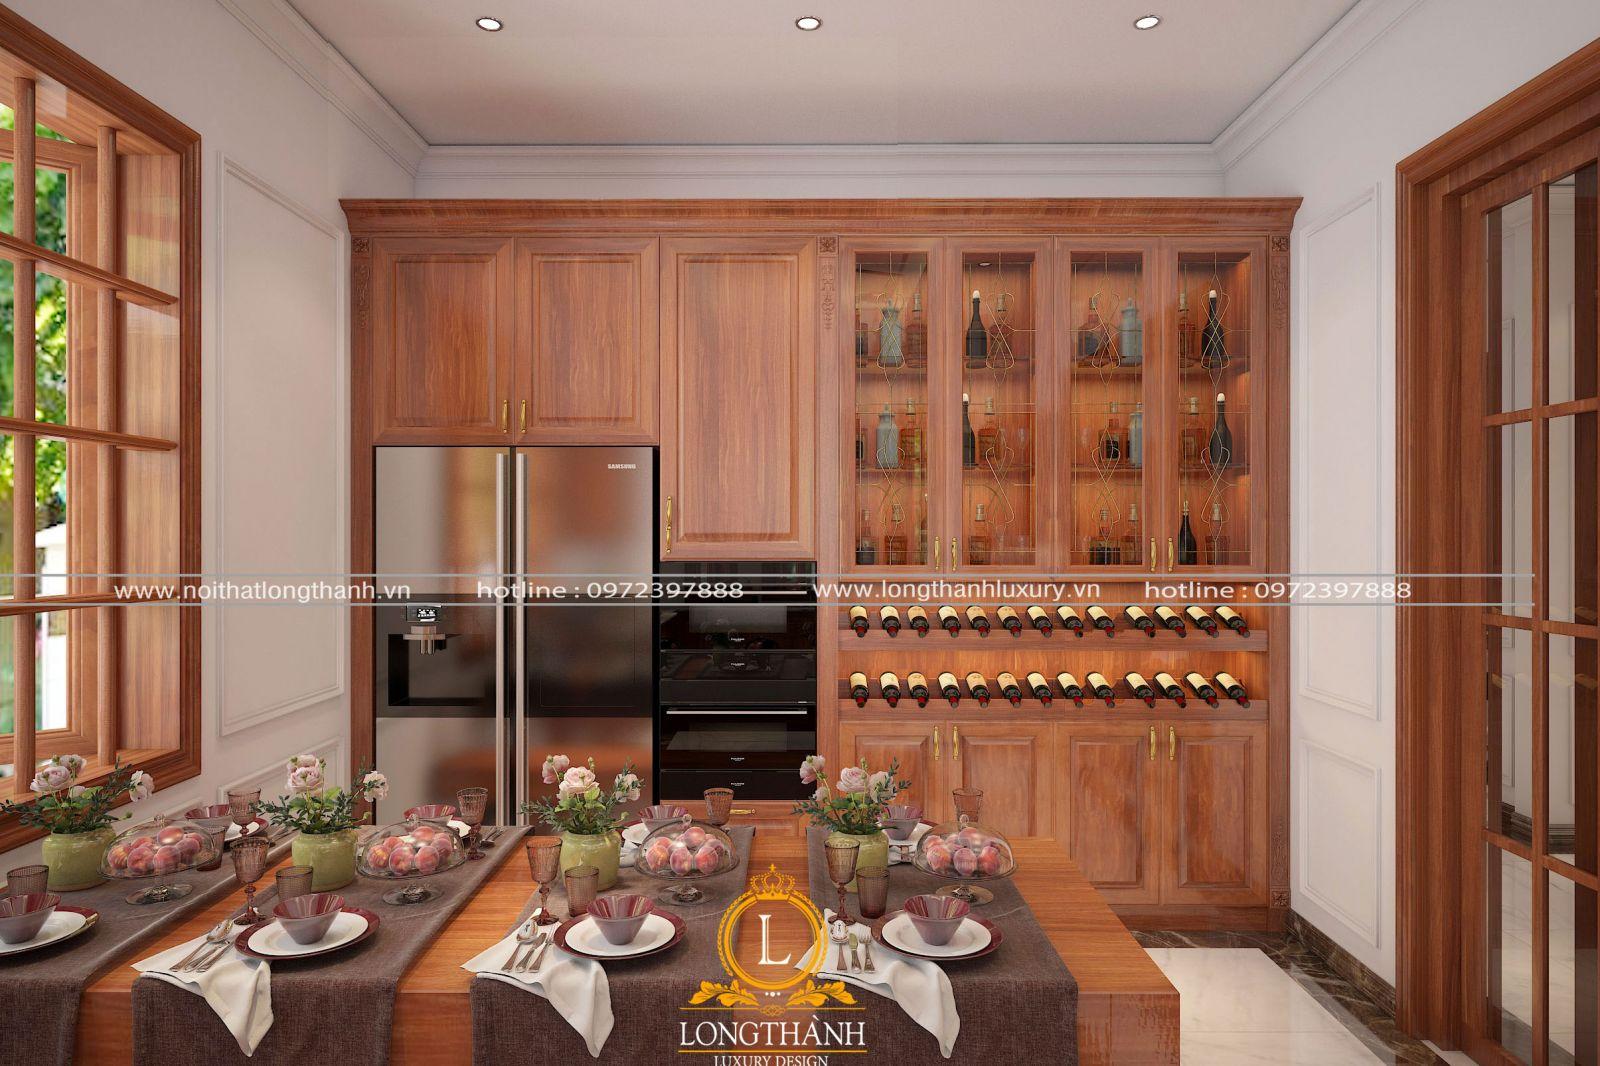 Màu tủ rượu phù hợp nội thất